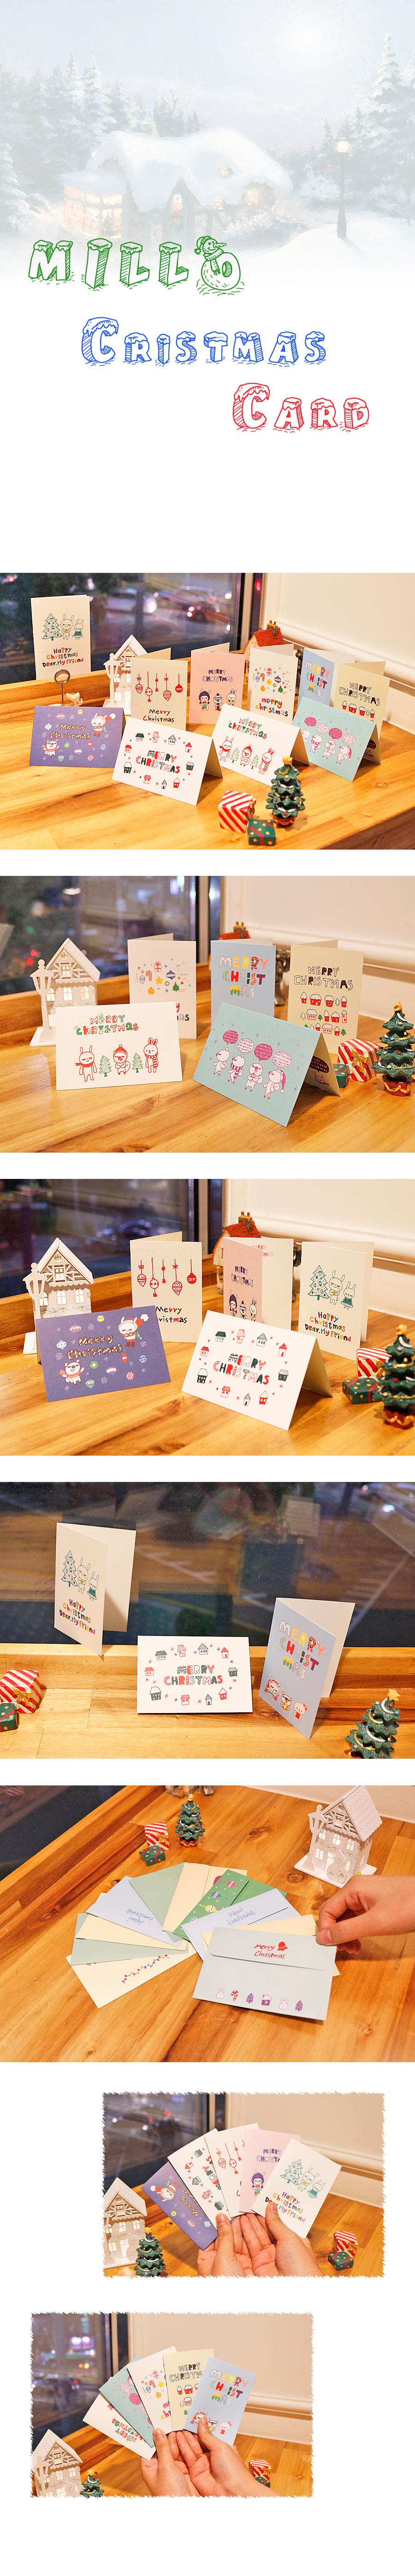 밀로 크리스마스카드 10종 - 밀로, 1,000원, 카드, 크리스마스 카드